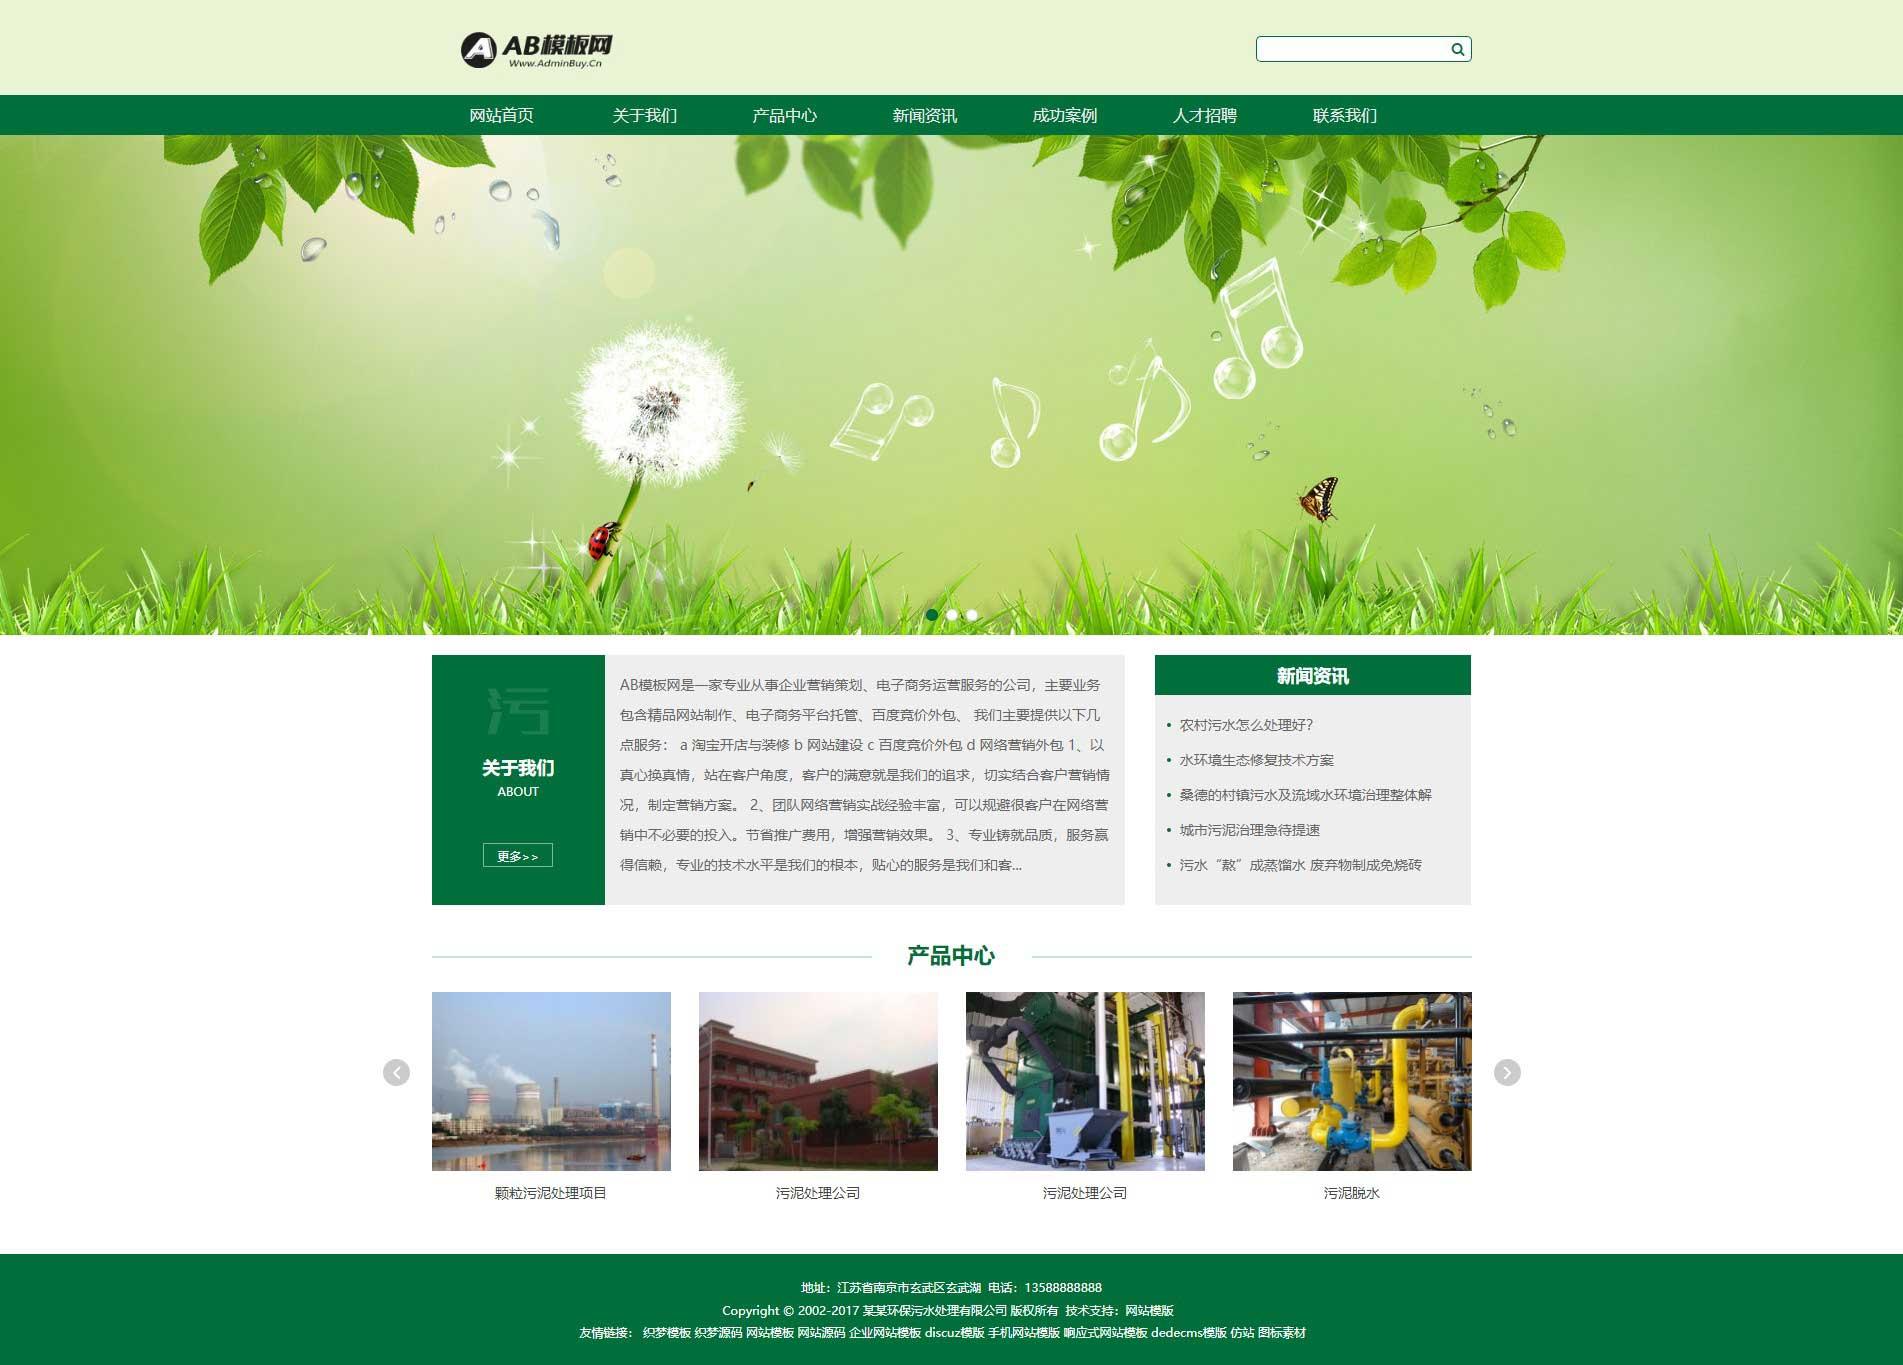 环保企业网站织梦dede模板源码[自适应手机版]插图